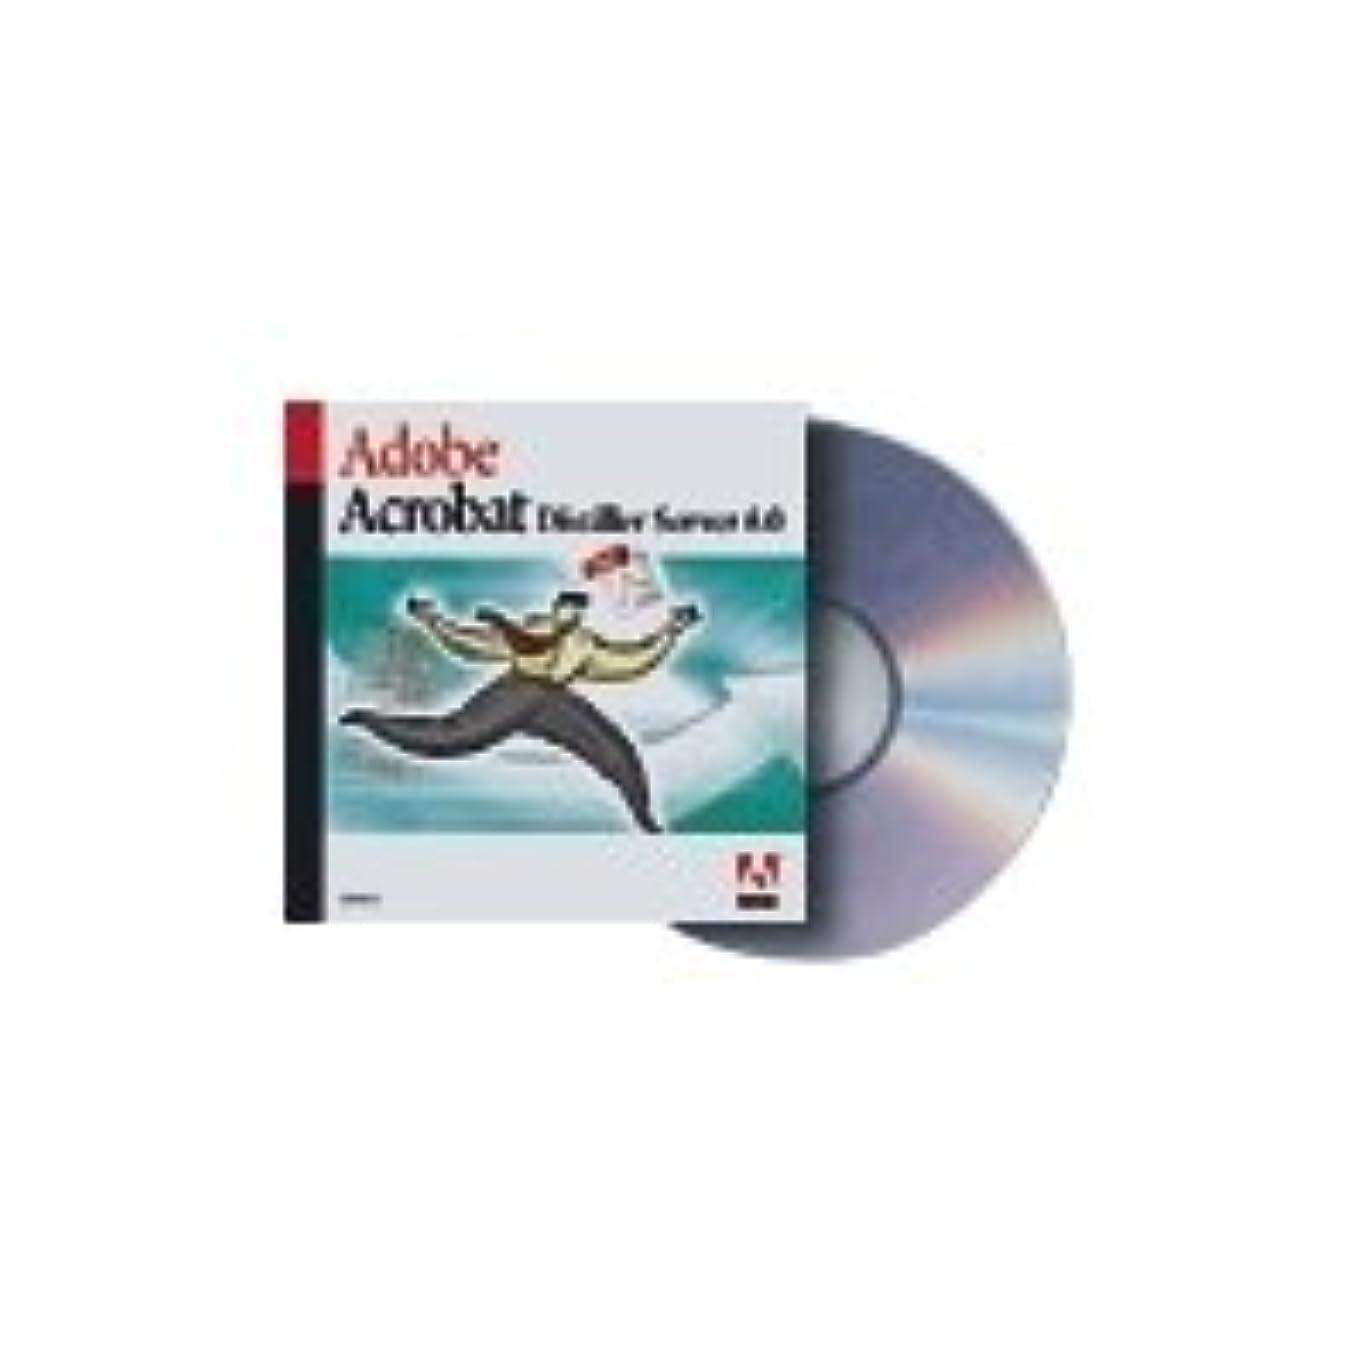 ドール尊敬する穴Adobe Acrobat Distiller Server 6.0 英語版 100ユーザ版 for Windows